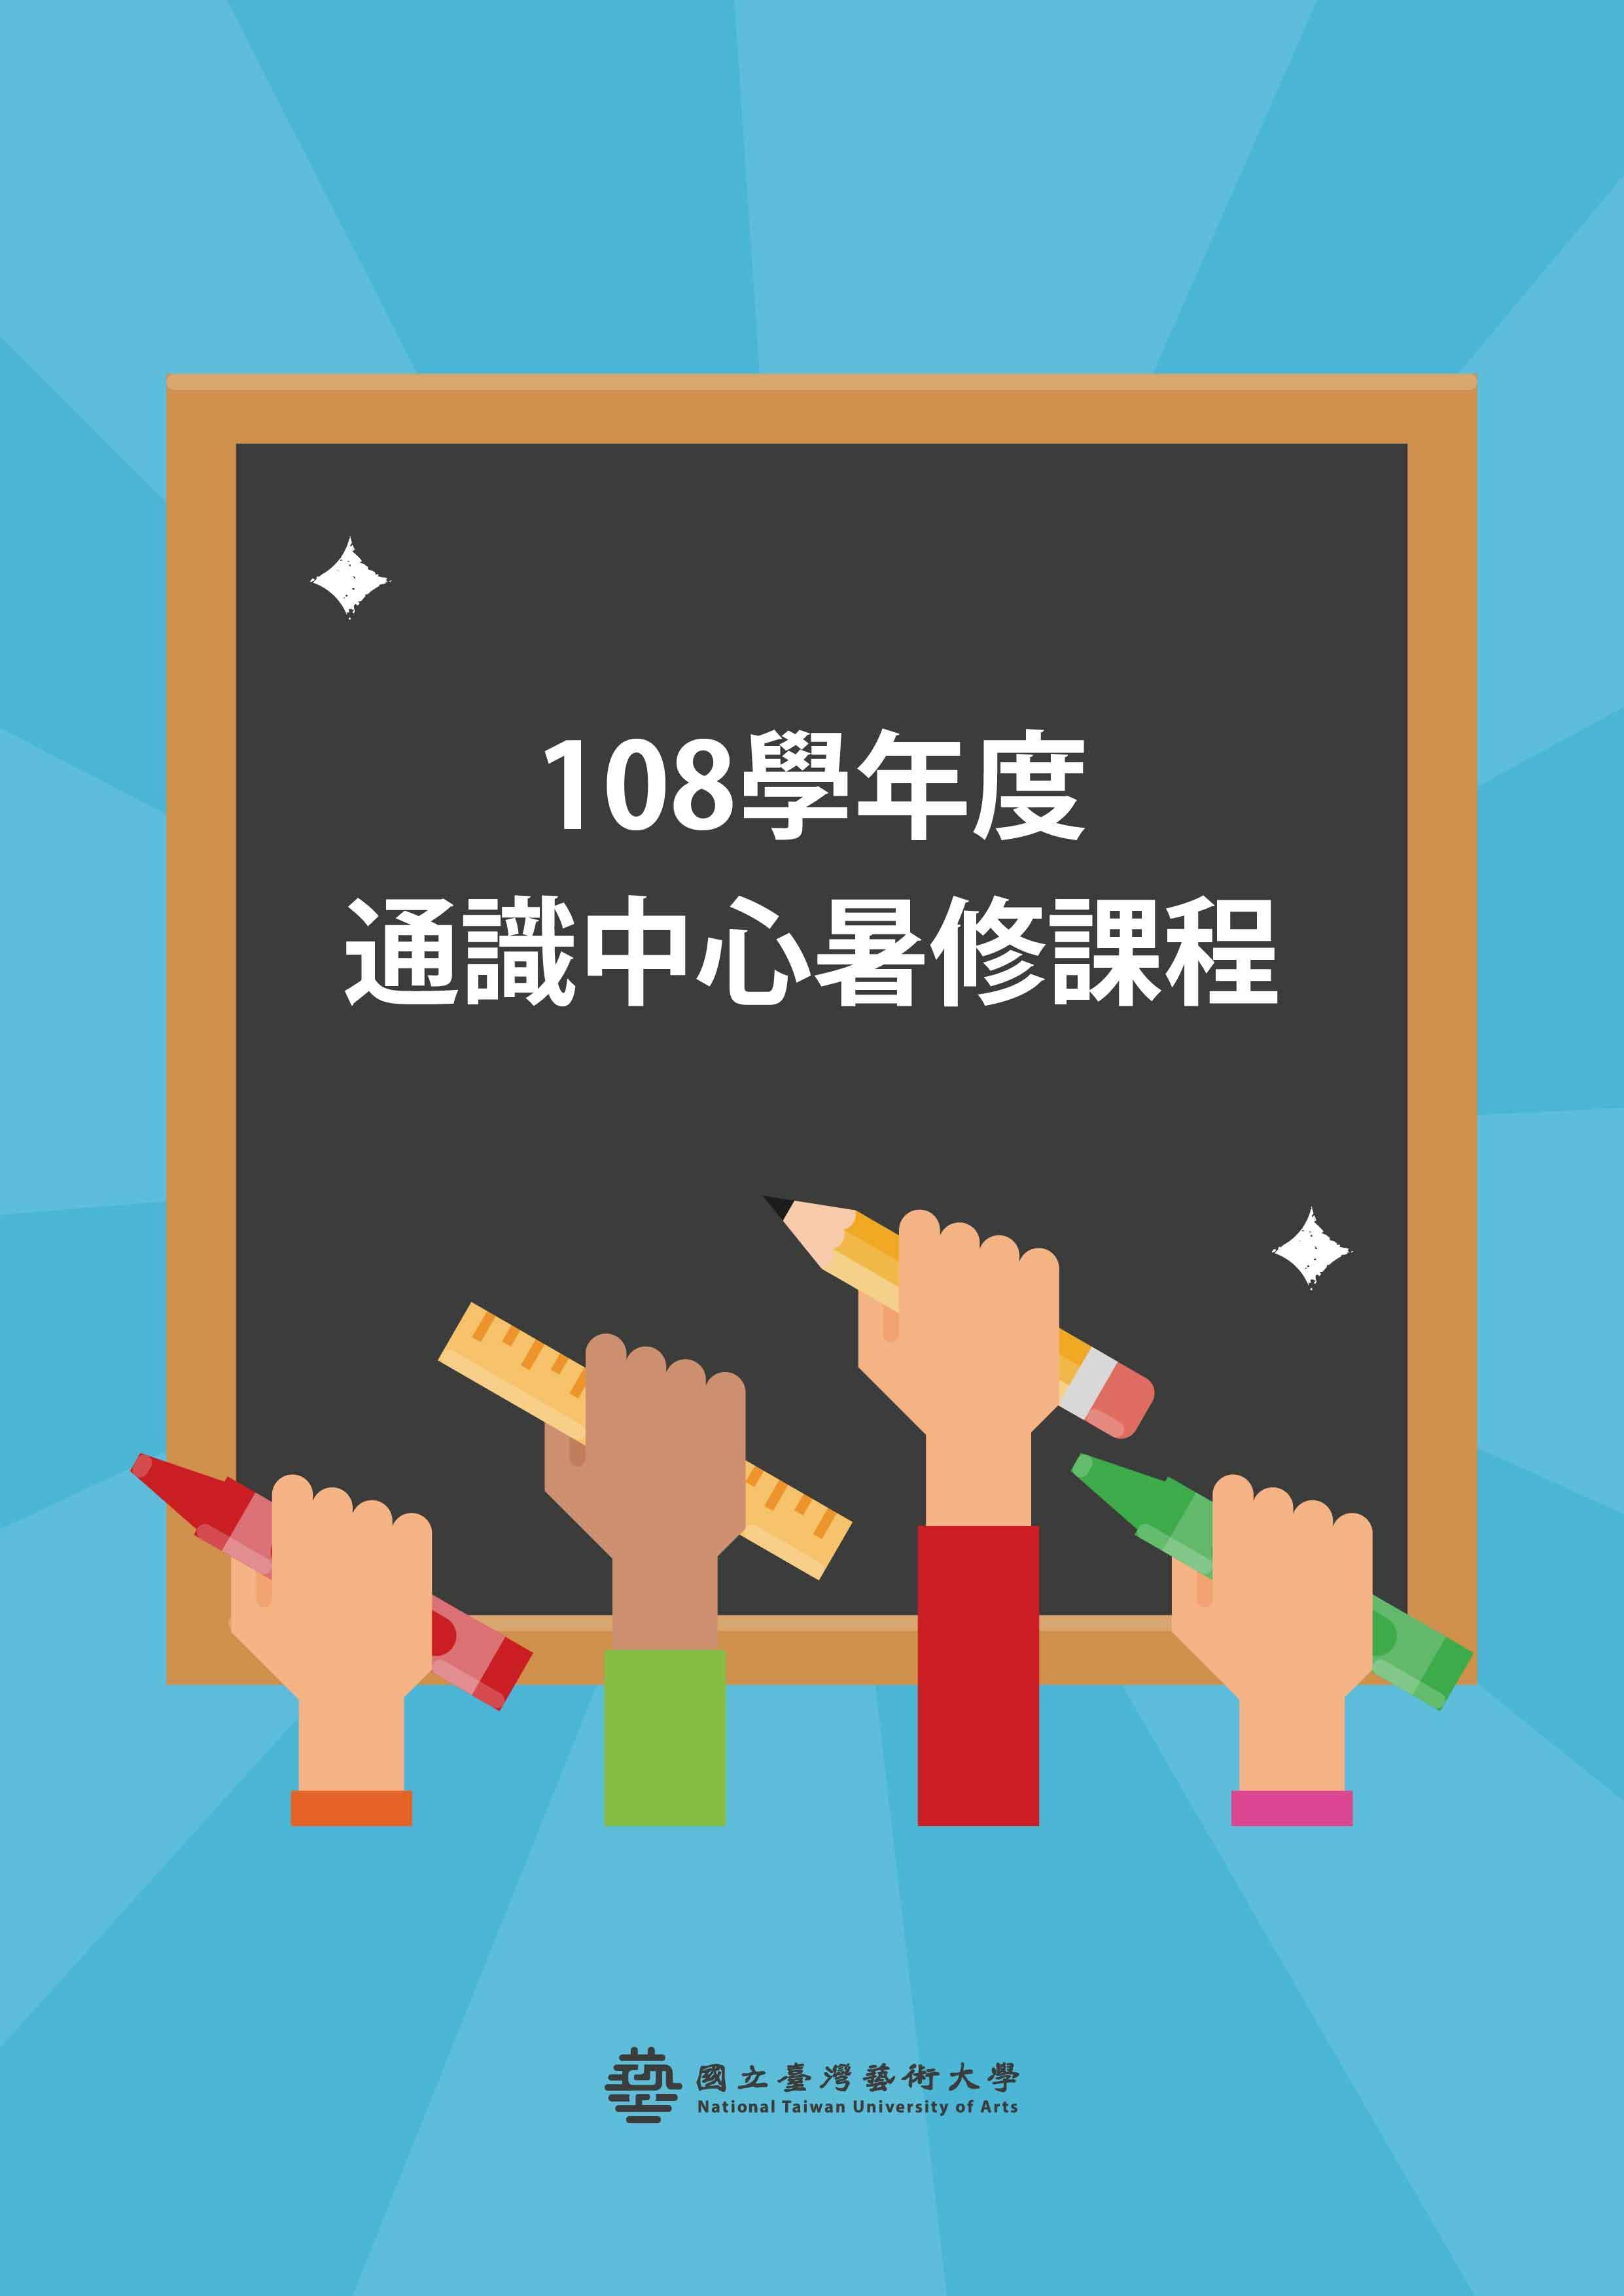 108學年度通識教育中心暑修課程